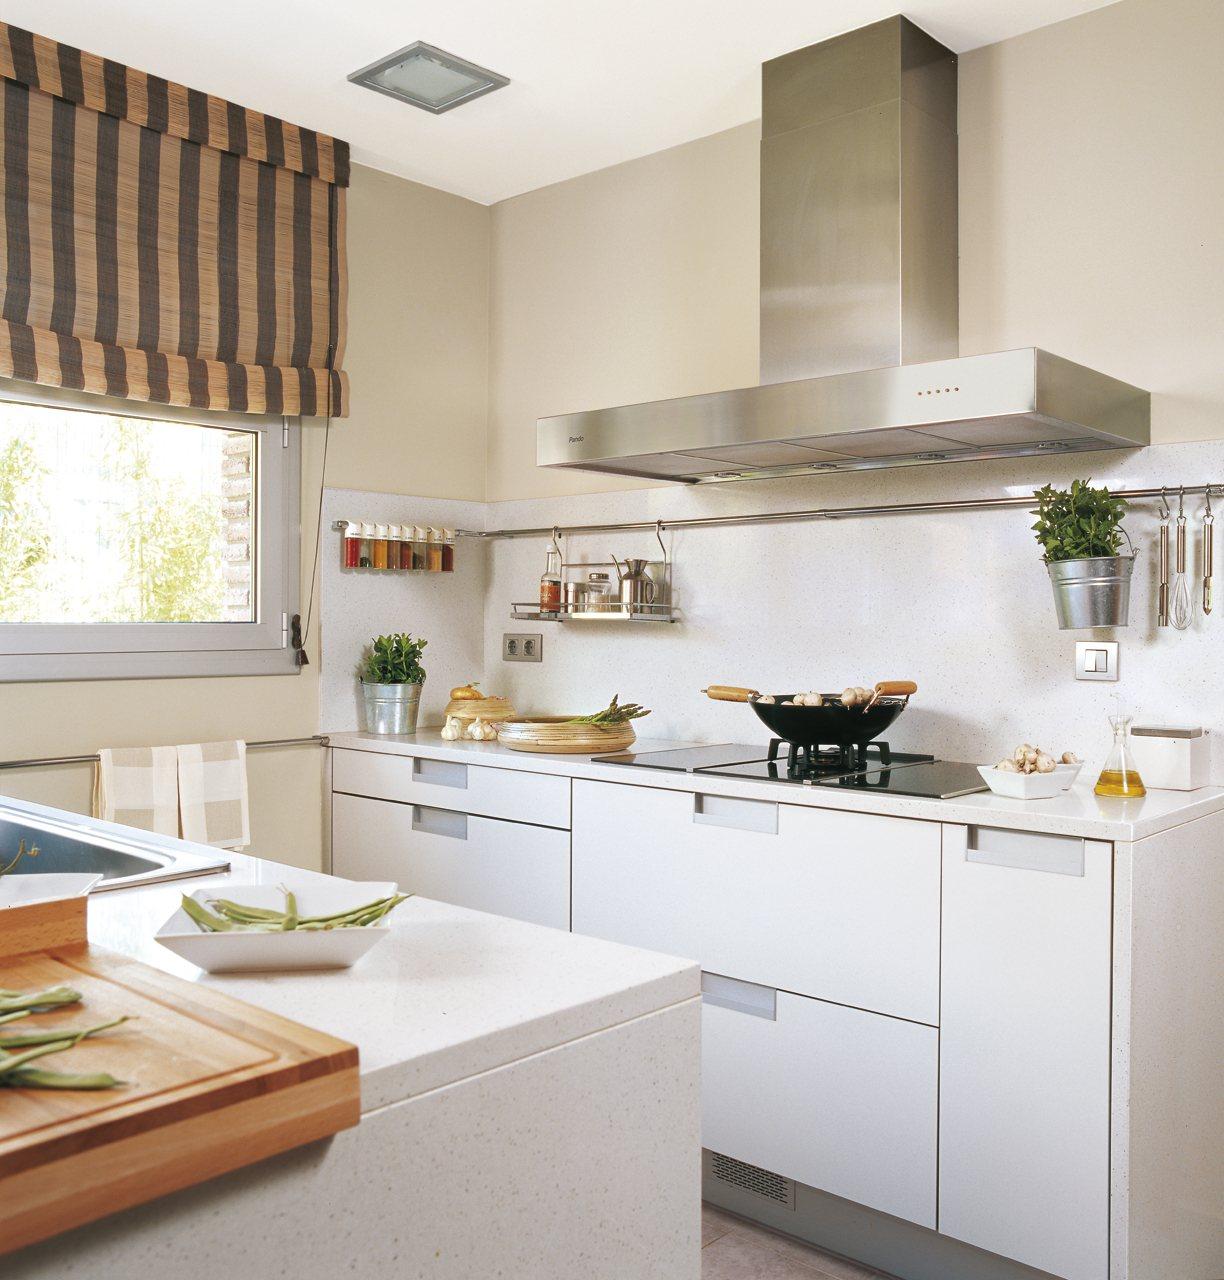 Renovar la cocina sin obras - Cambiar encimera cocina sin obras ...